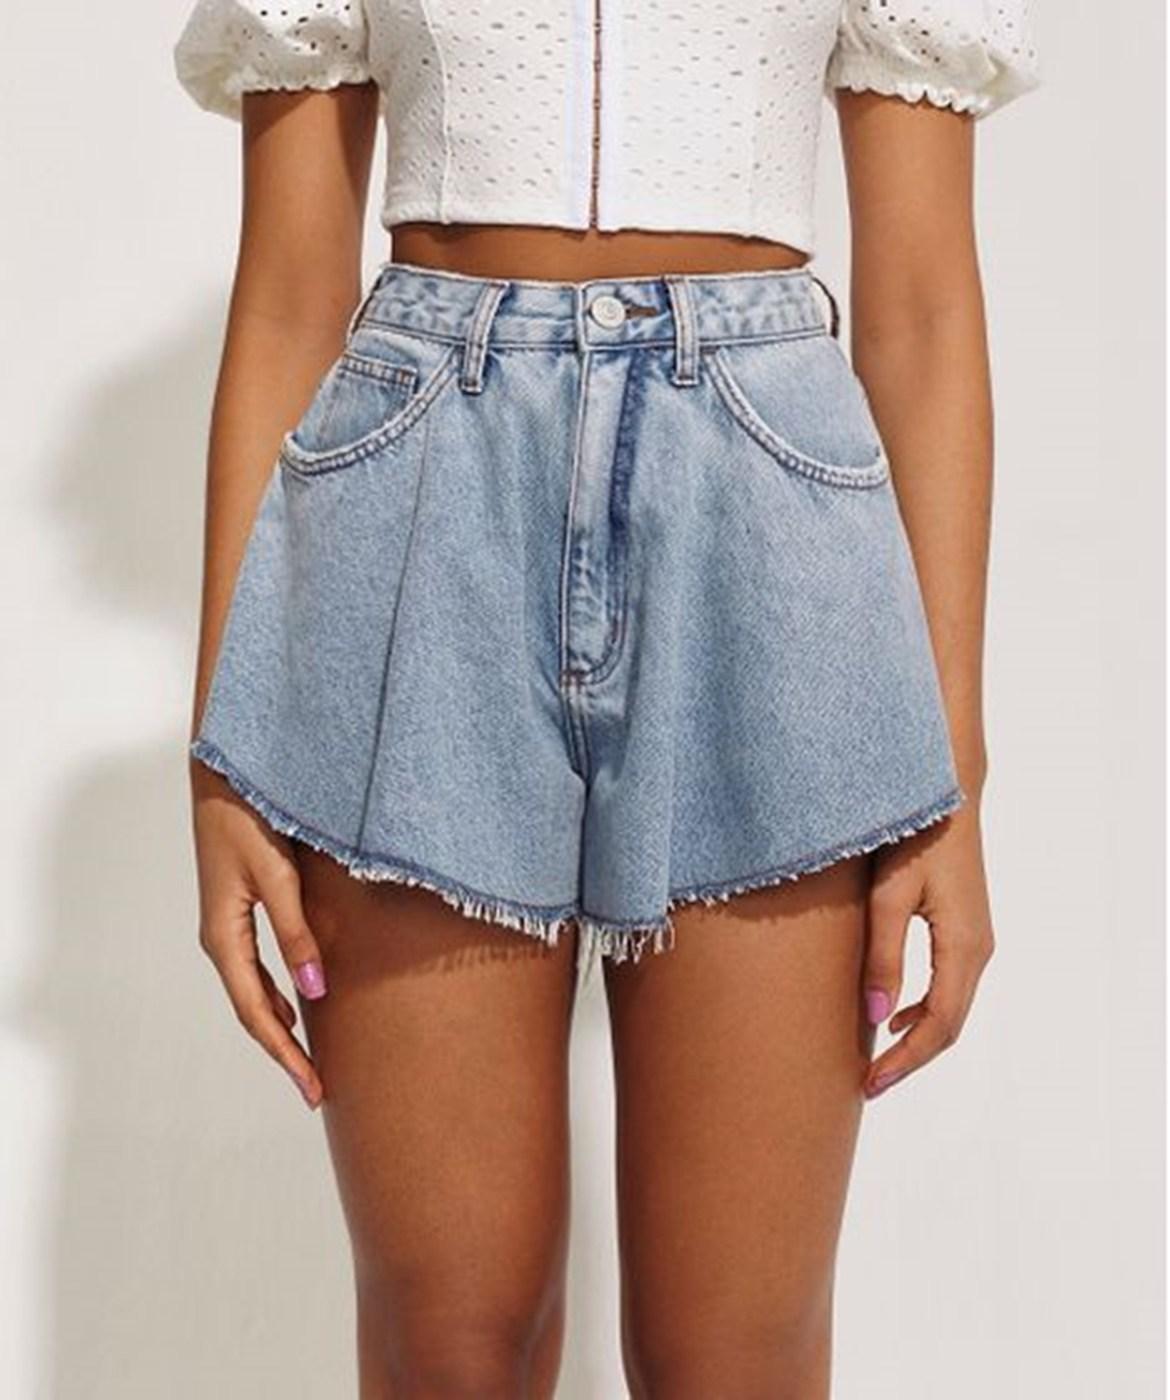 Shorts godê.